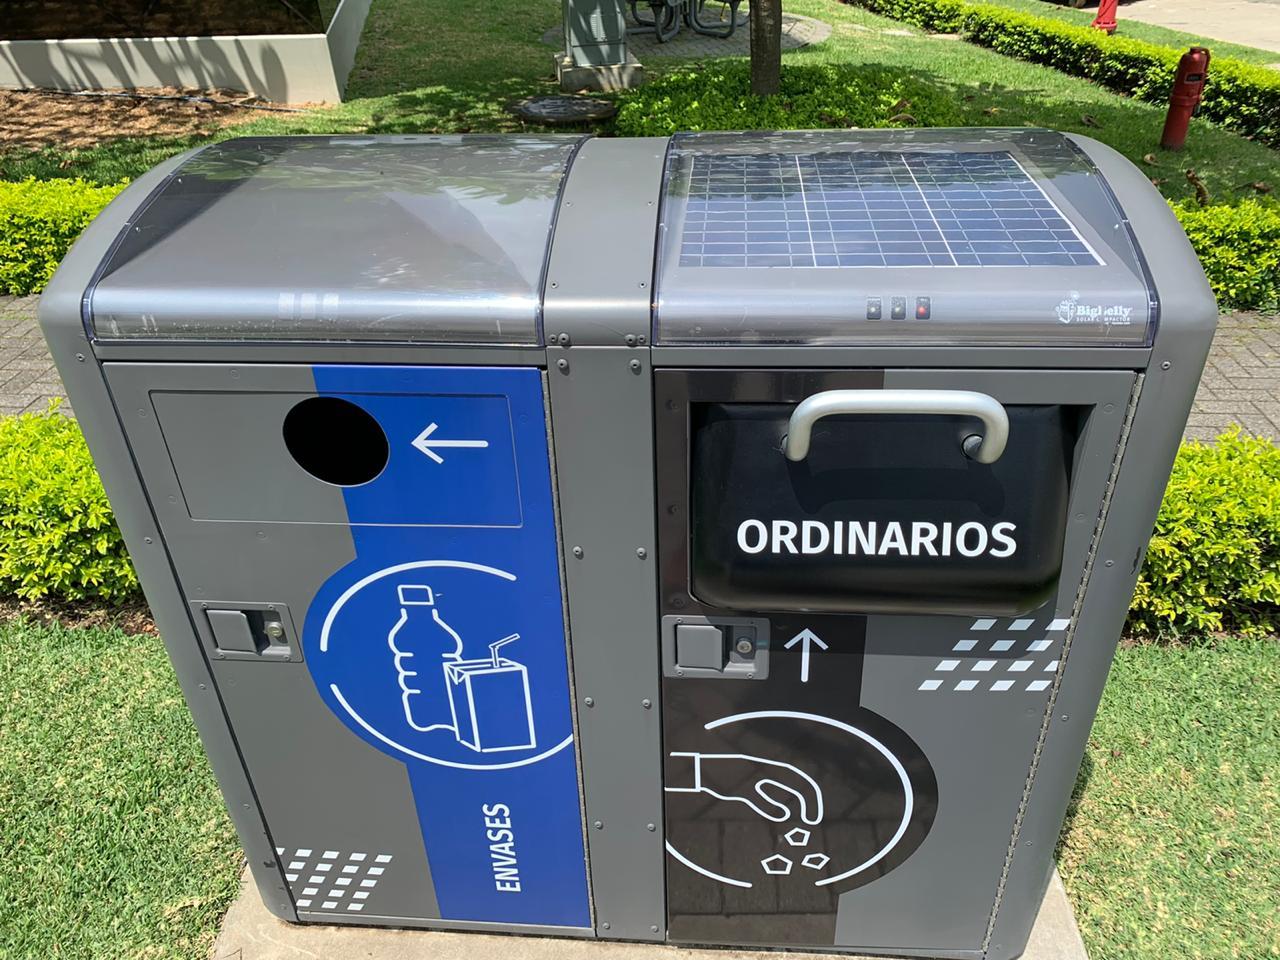 La empresa también tiene otros mecanismo para aprovechar la energía.